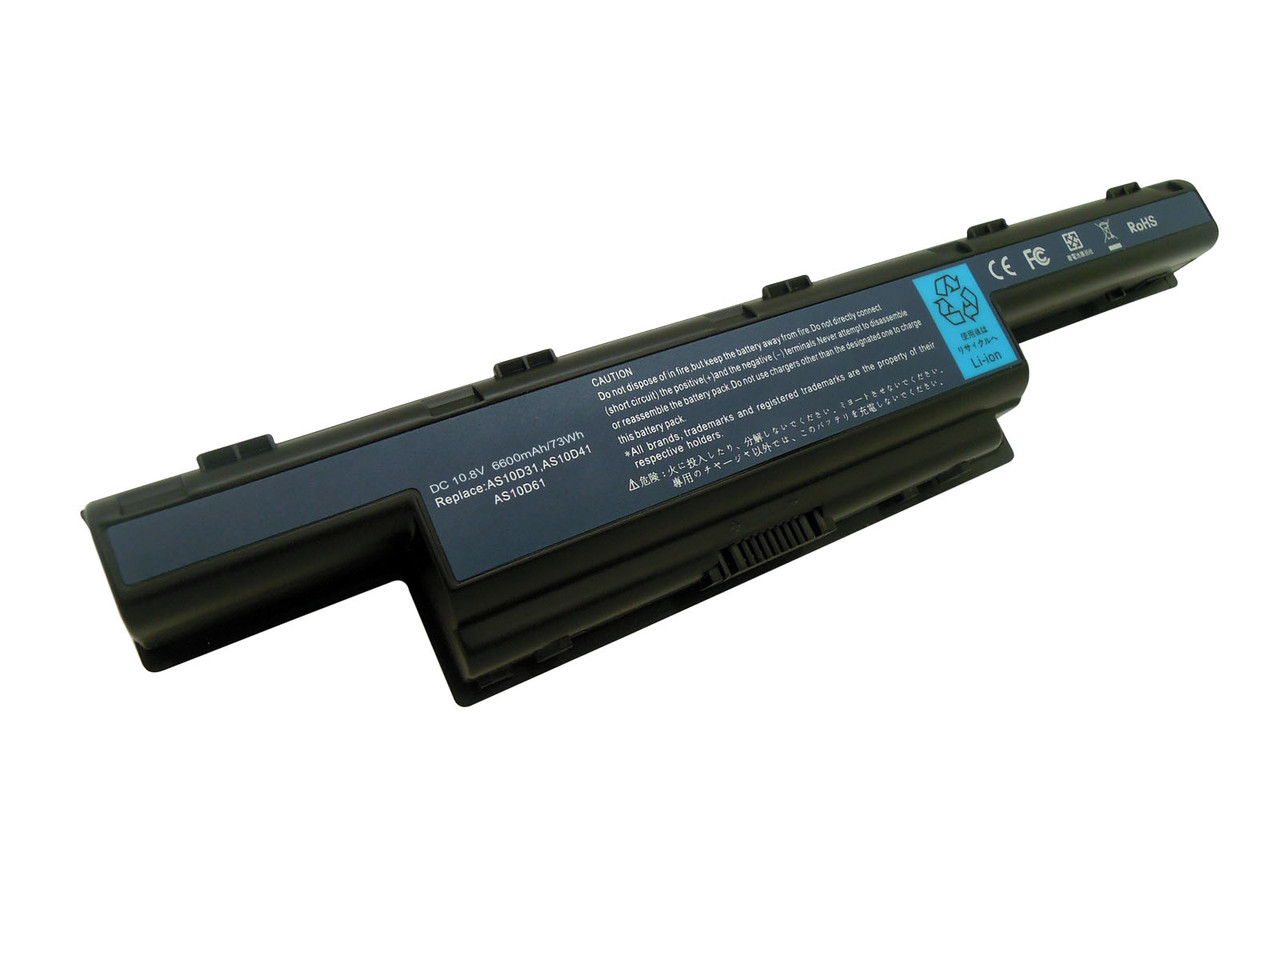 Батарея для ноутбука ACER TravelMate TM5740-X522D